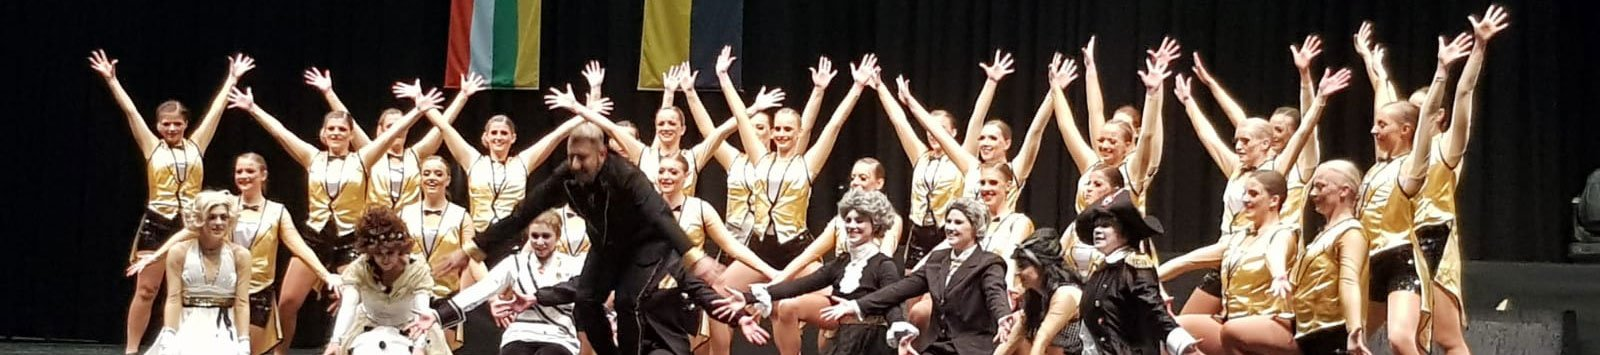 FEUERIO-rockt-die-Sueddeutschen-Meisterschaften-2019